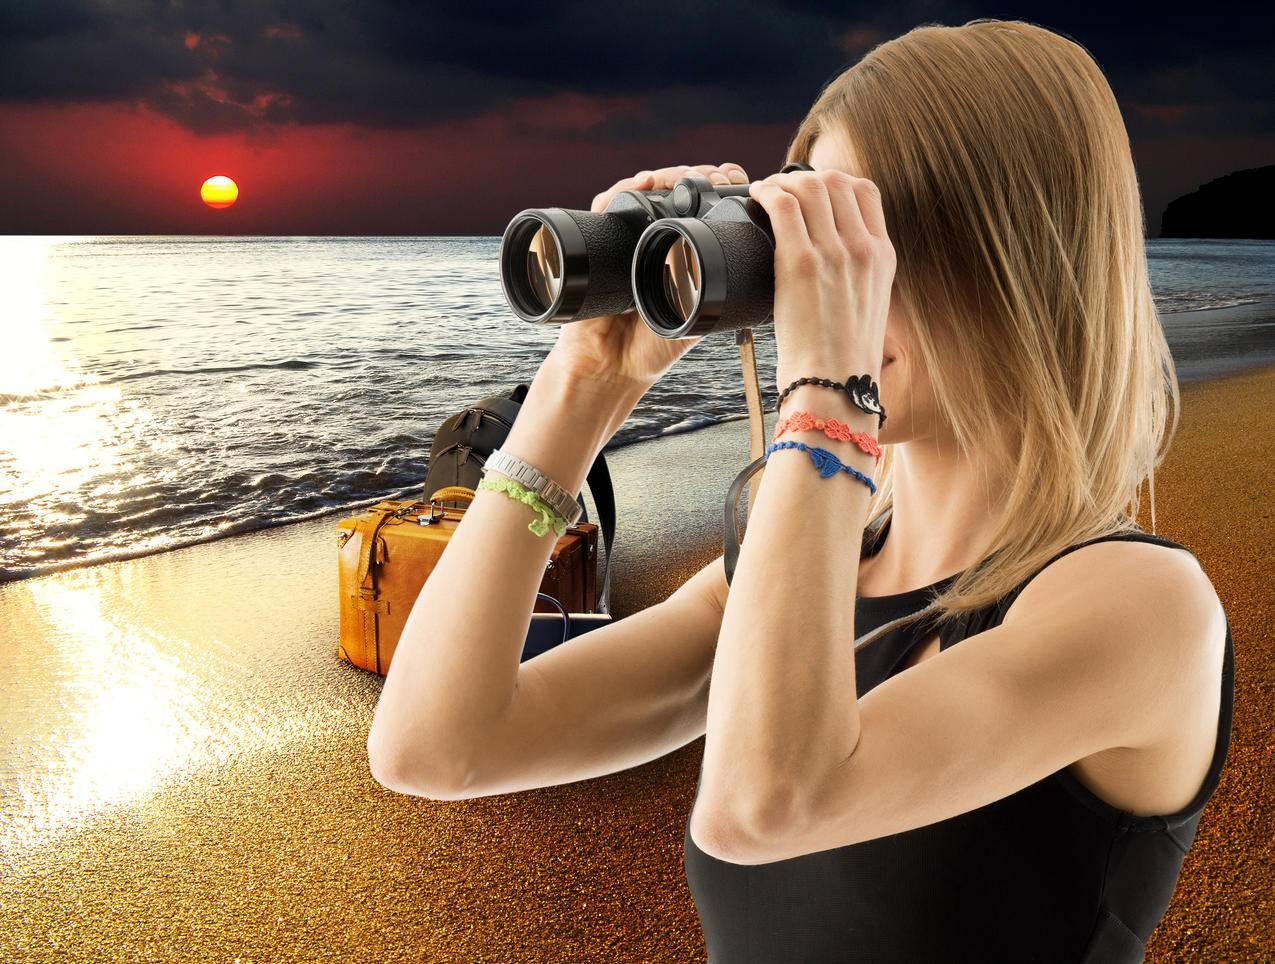 大海,海边,日落,行李箱,拿望远镜的美女4K壁纸